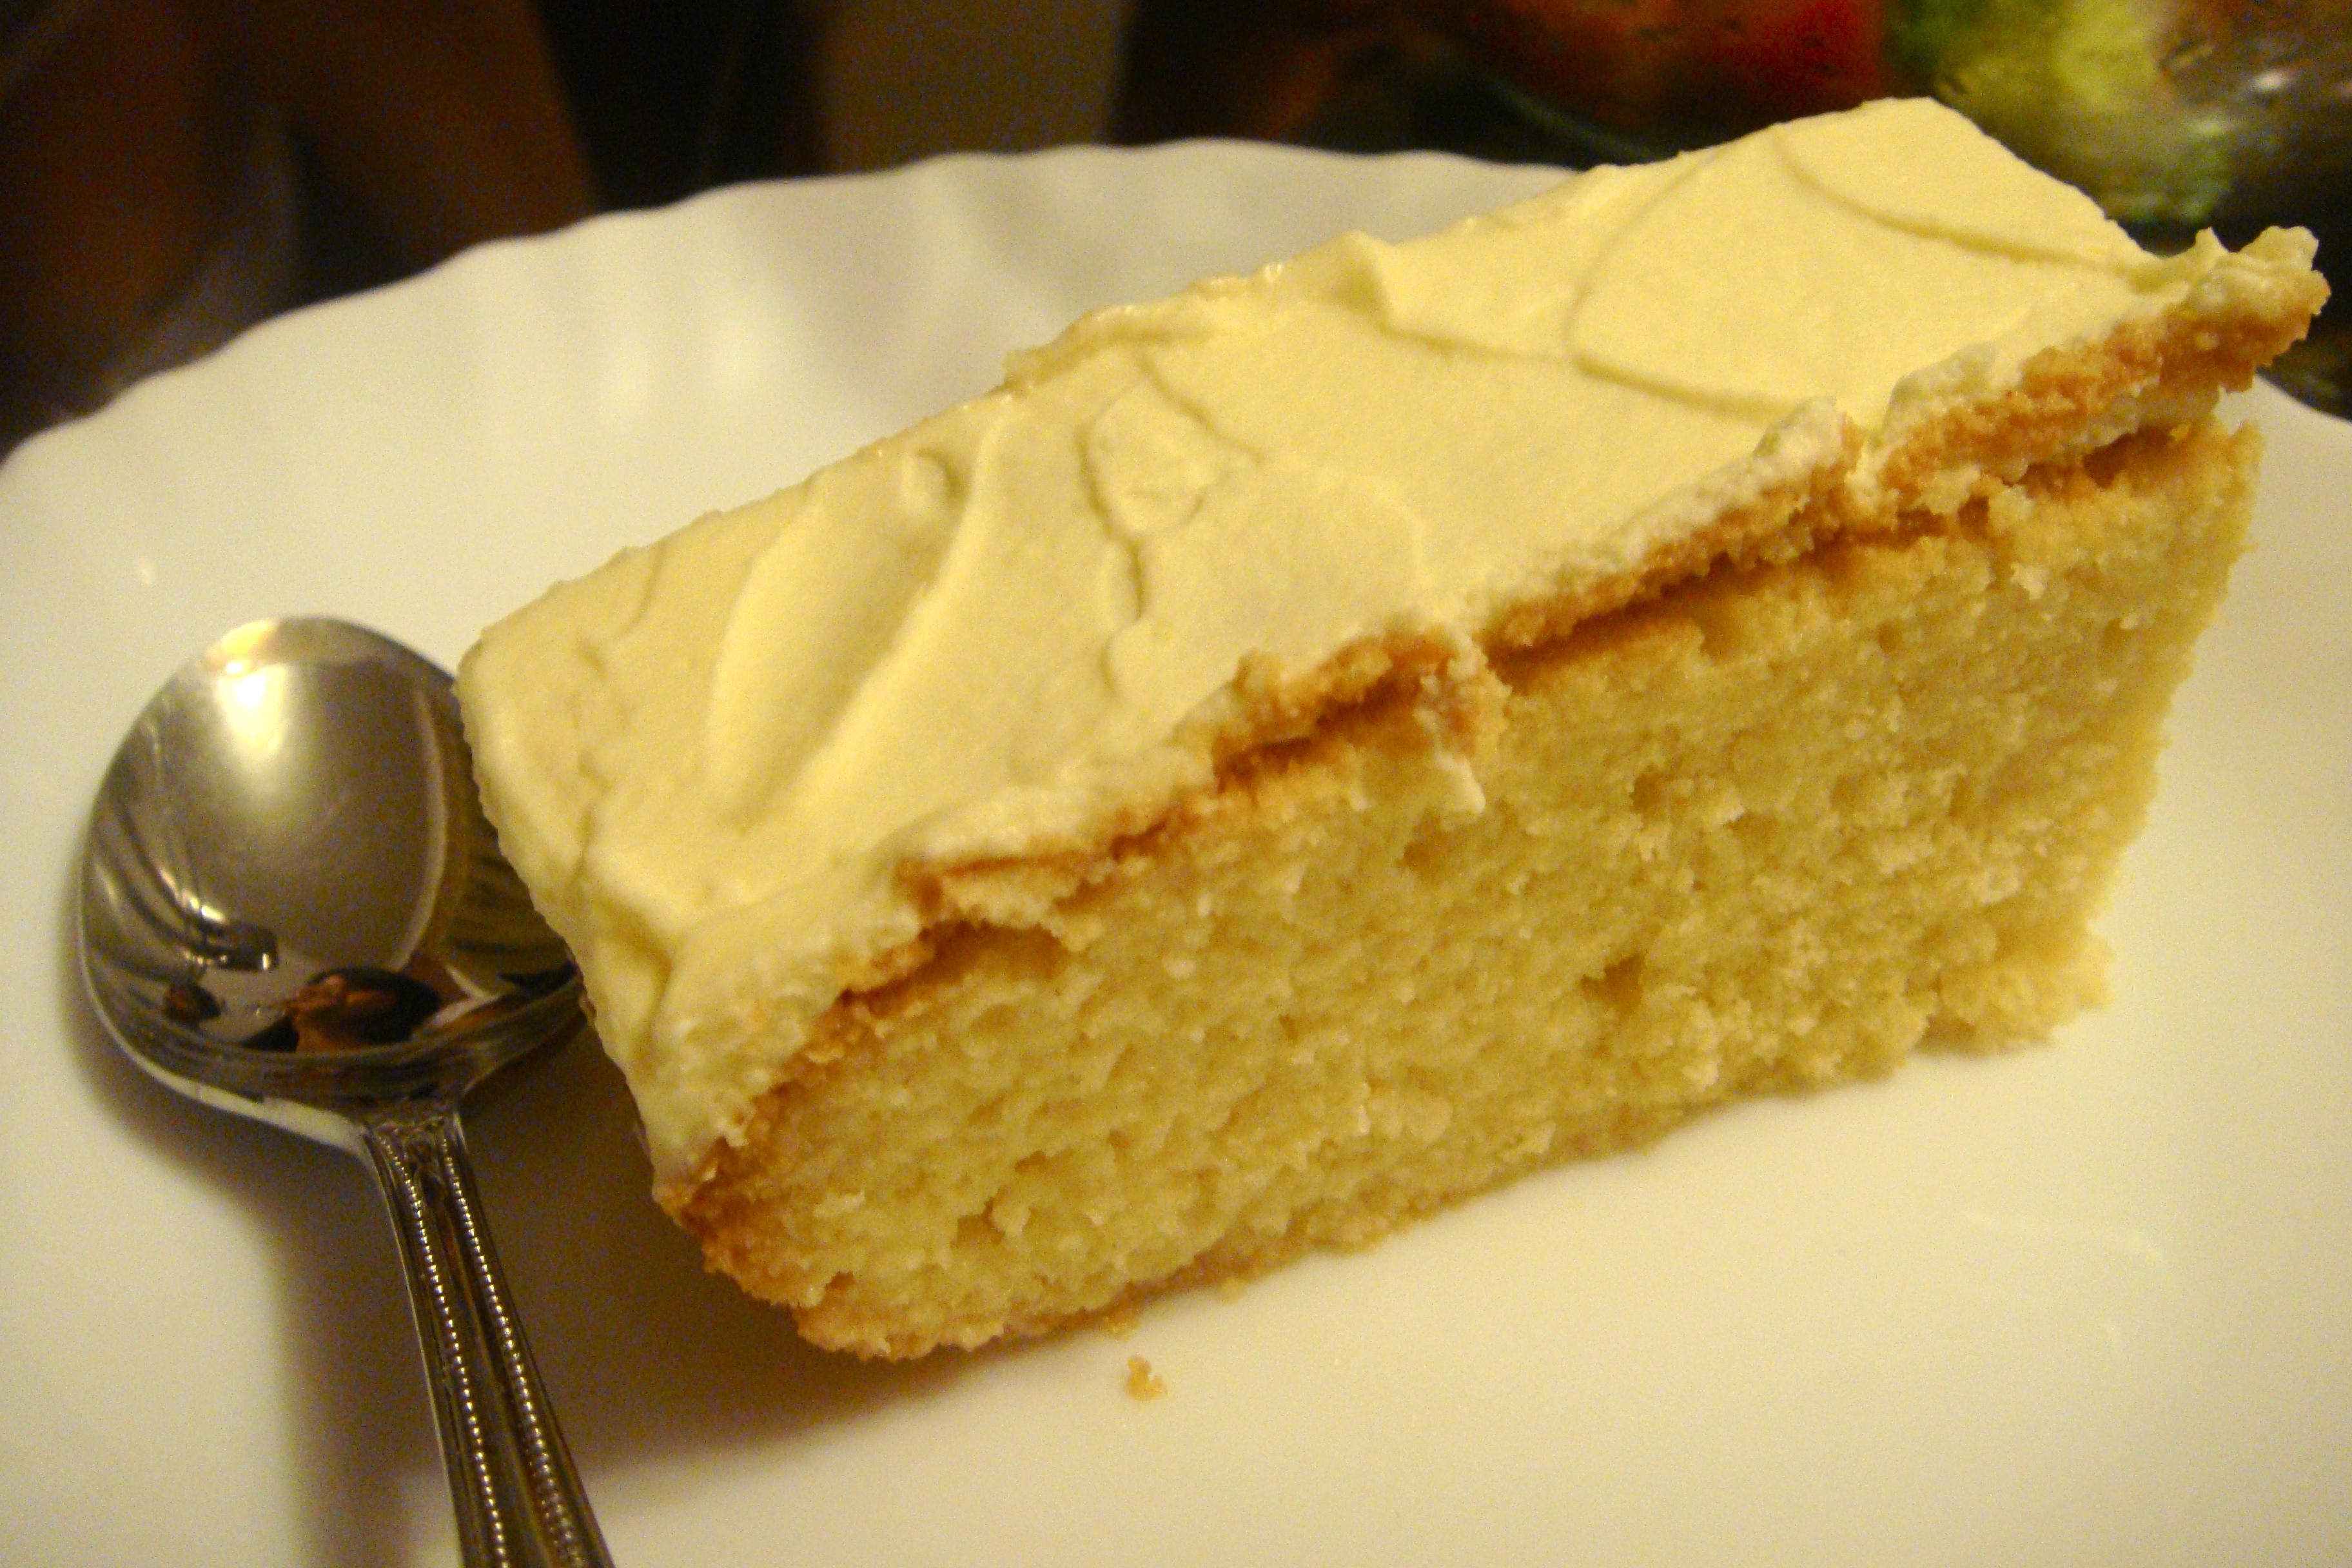 Tres Leches Cake (Three Milks Cake) | eatnownownow